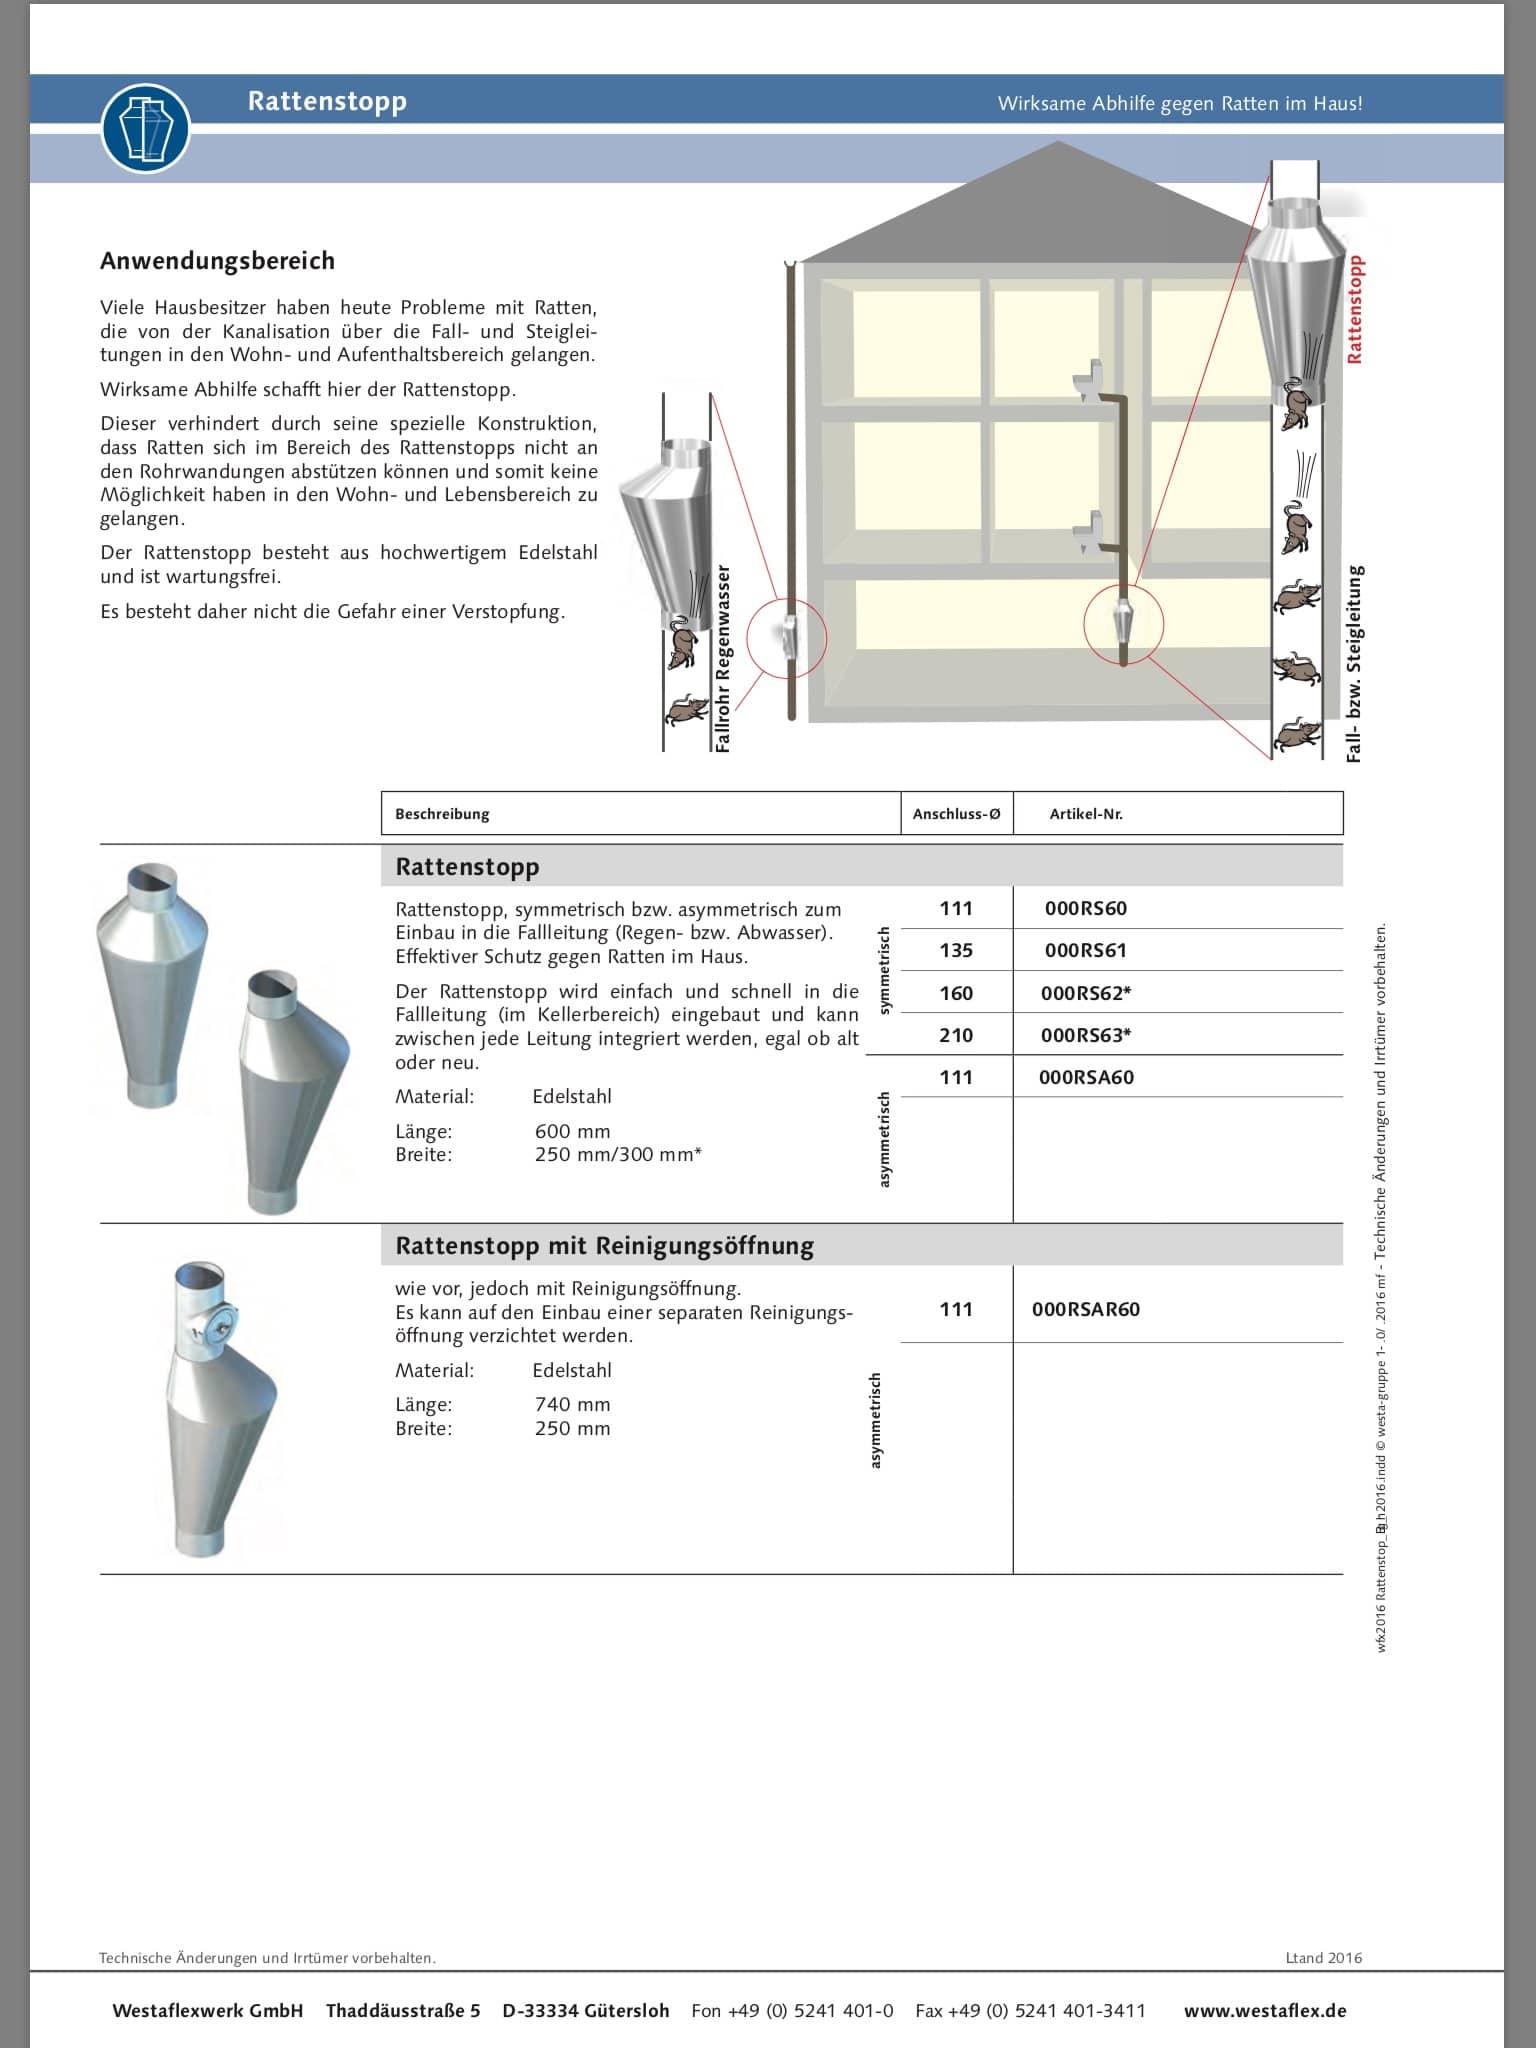 Information zum Rattenstopp der Fa. Westaflex 2/2